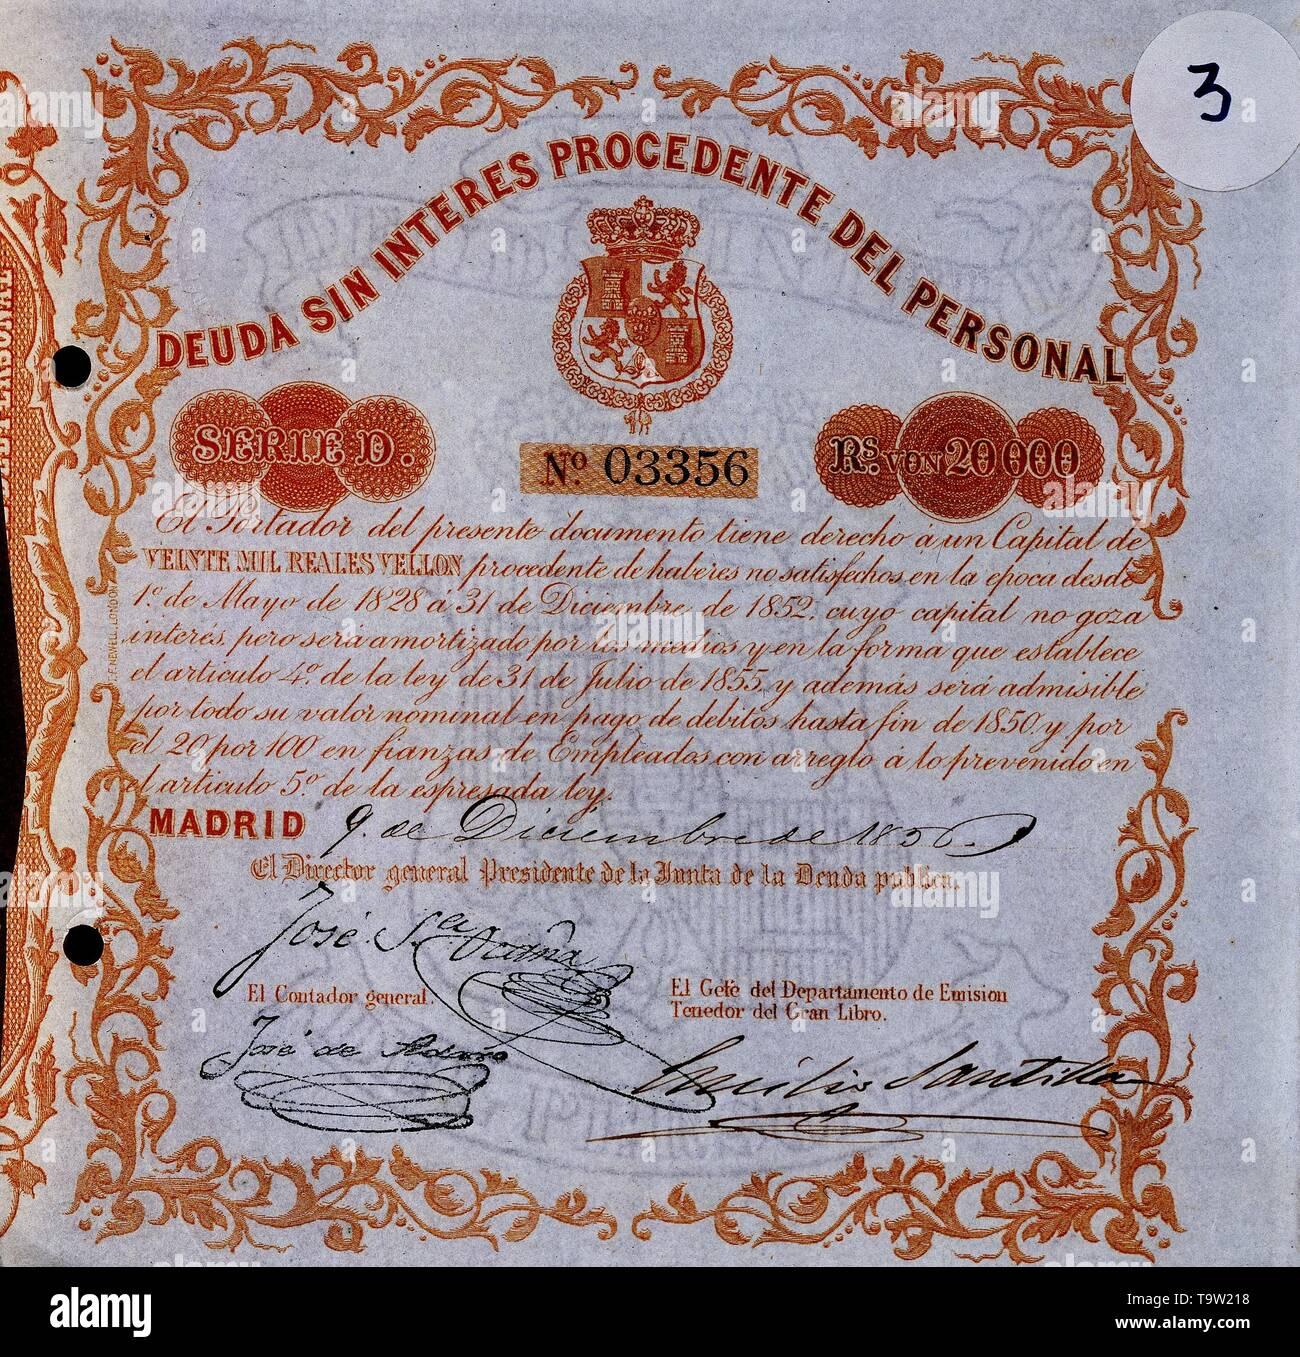 DEUDA SIN INTERES PROCEDENTE DEL PERSONAL MAYO 1828. Location: BOLSA DE COMERCIO-COLECCION. MADRID. SPAIN. - Stock Image